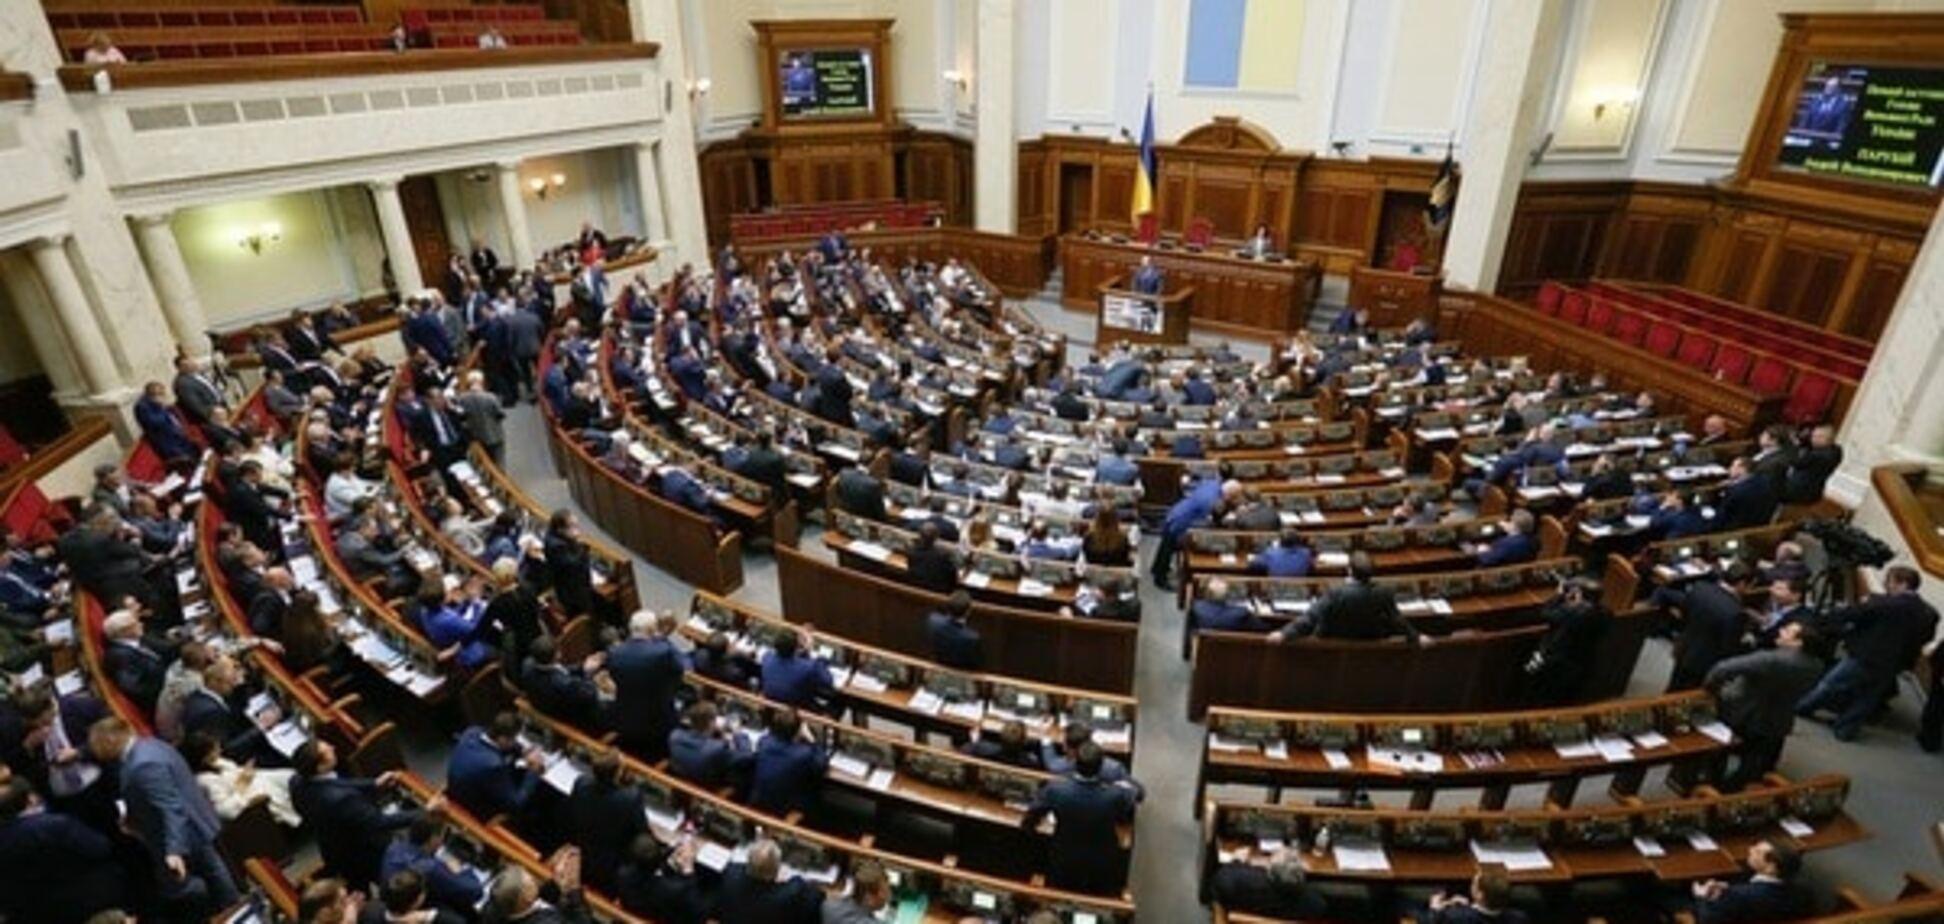 Когда Рада работала лучше: рейтинг созывов украинского парламента